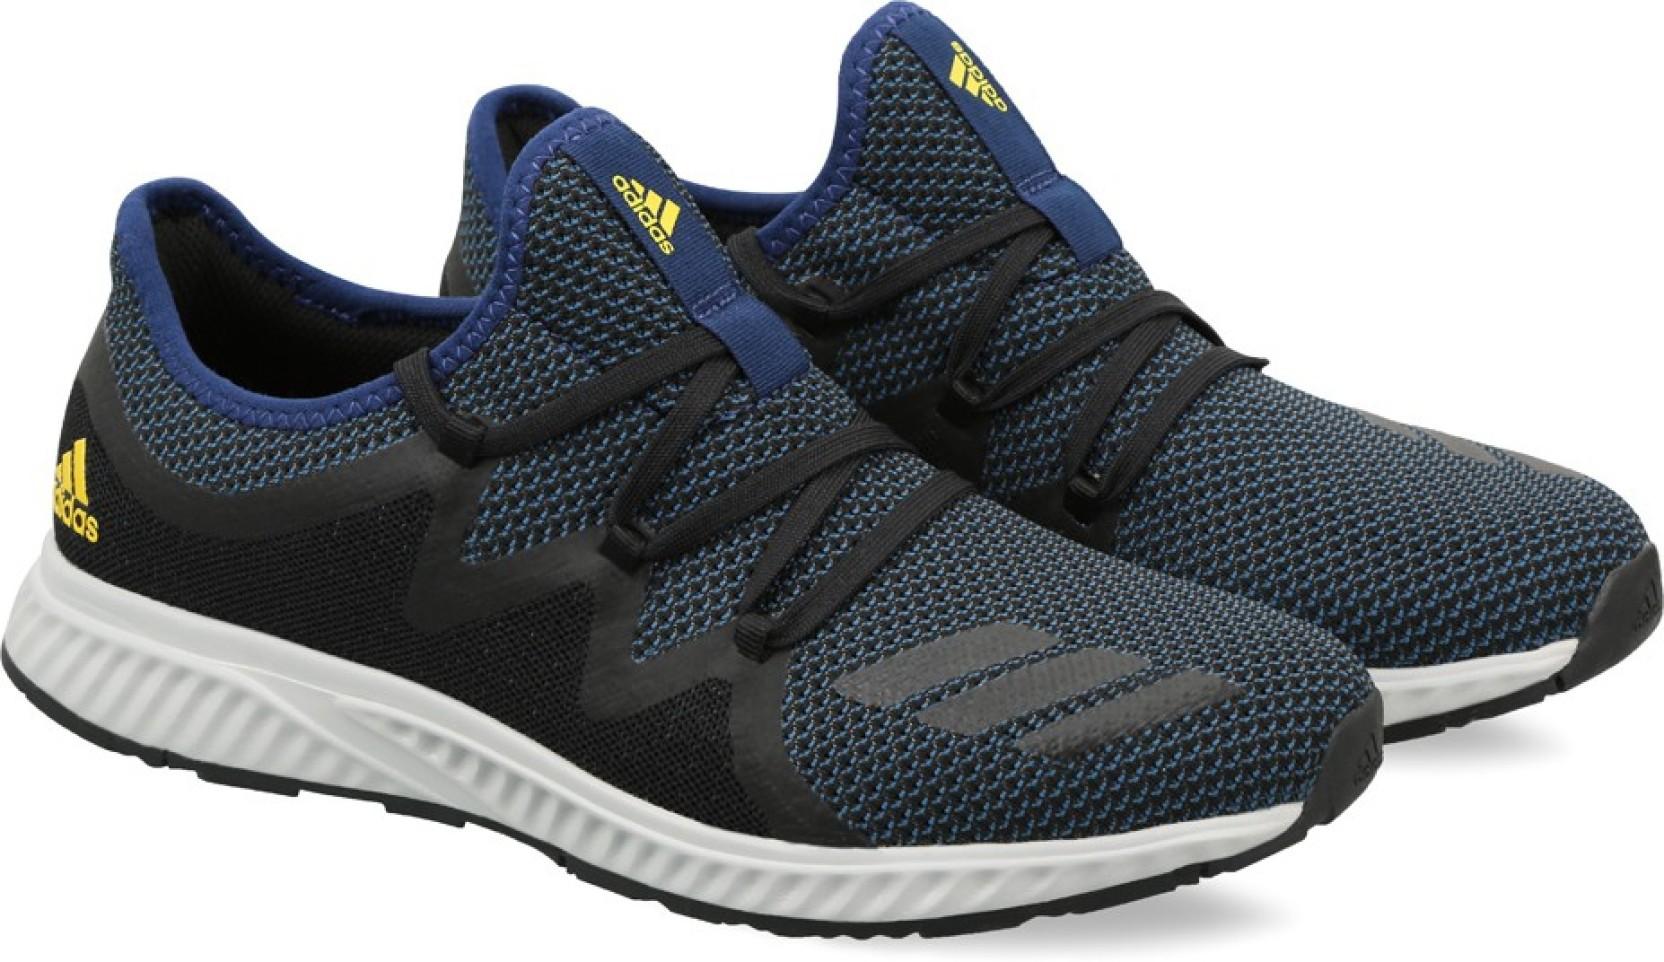 75021c7cd ADIDAS MANAZERO M Running Shoes For Men - Buy MYSBLU CBLACK GRETWO ...